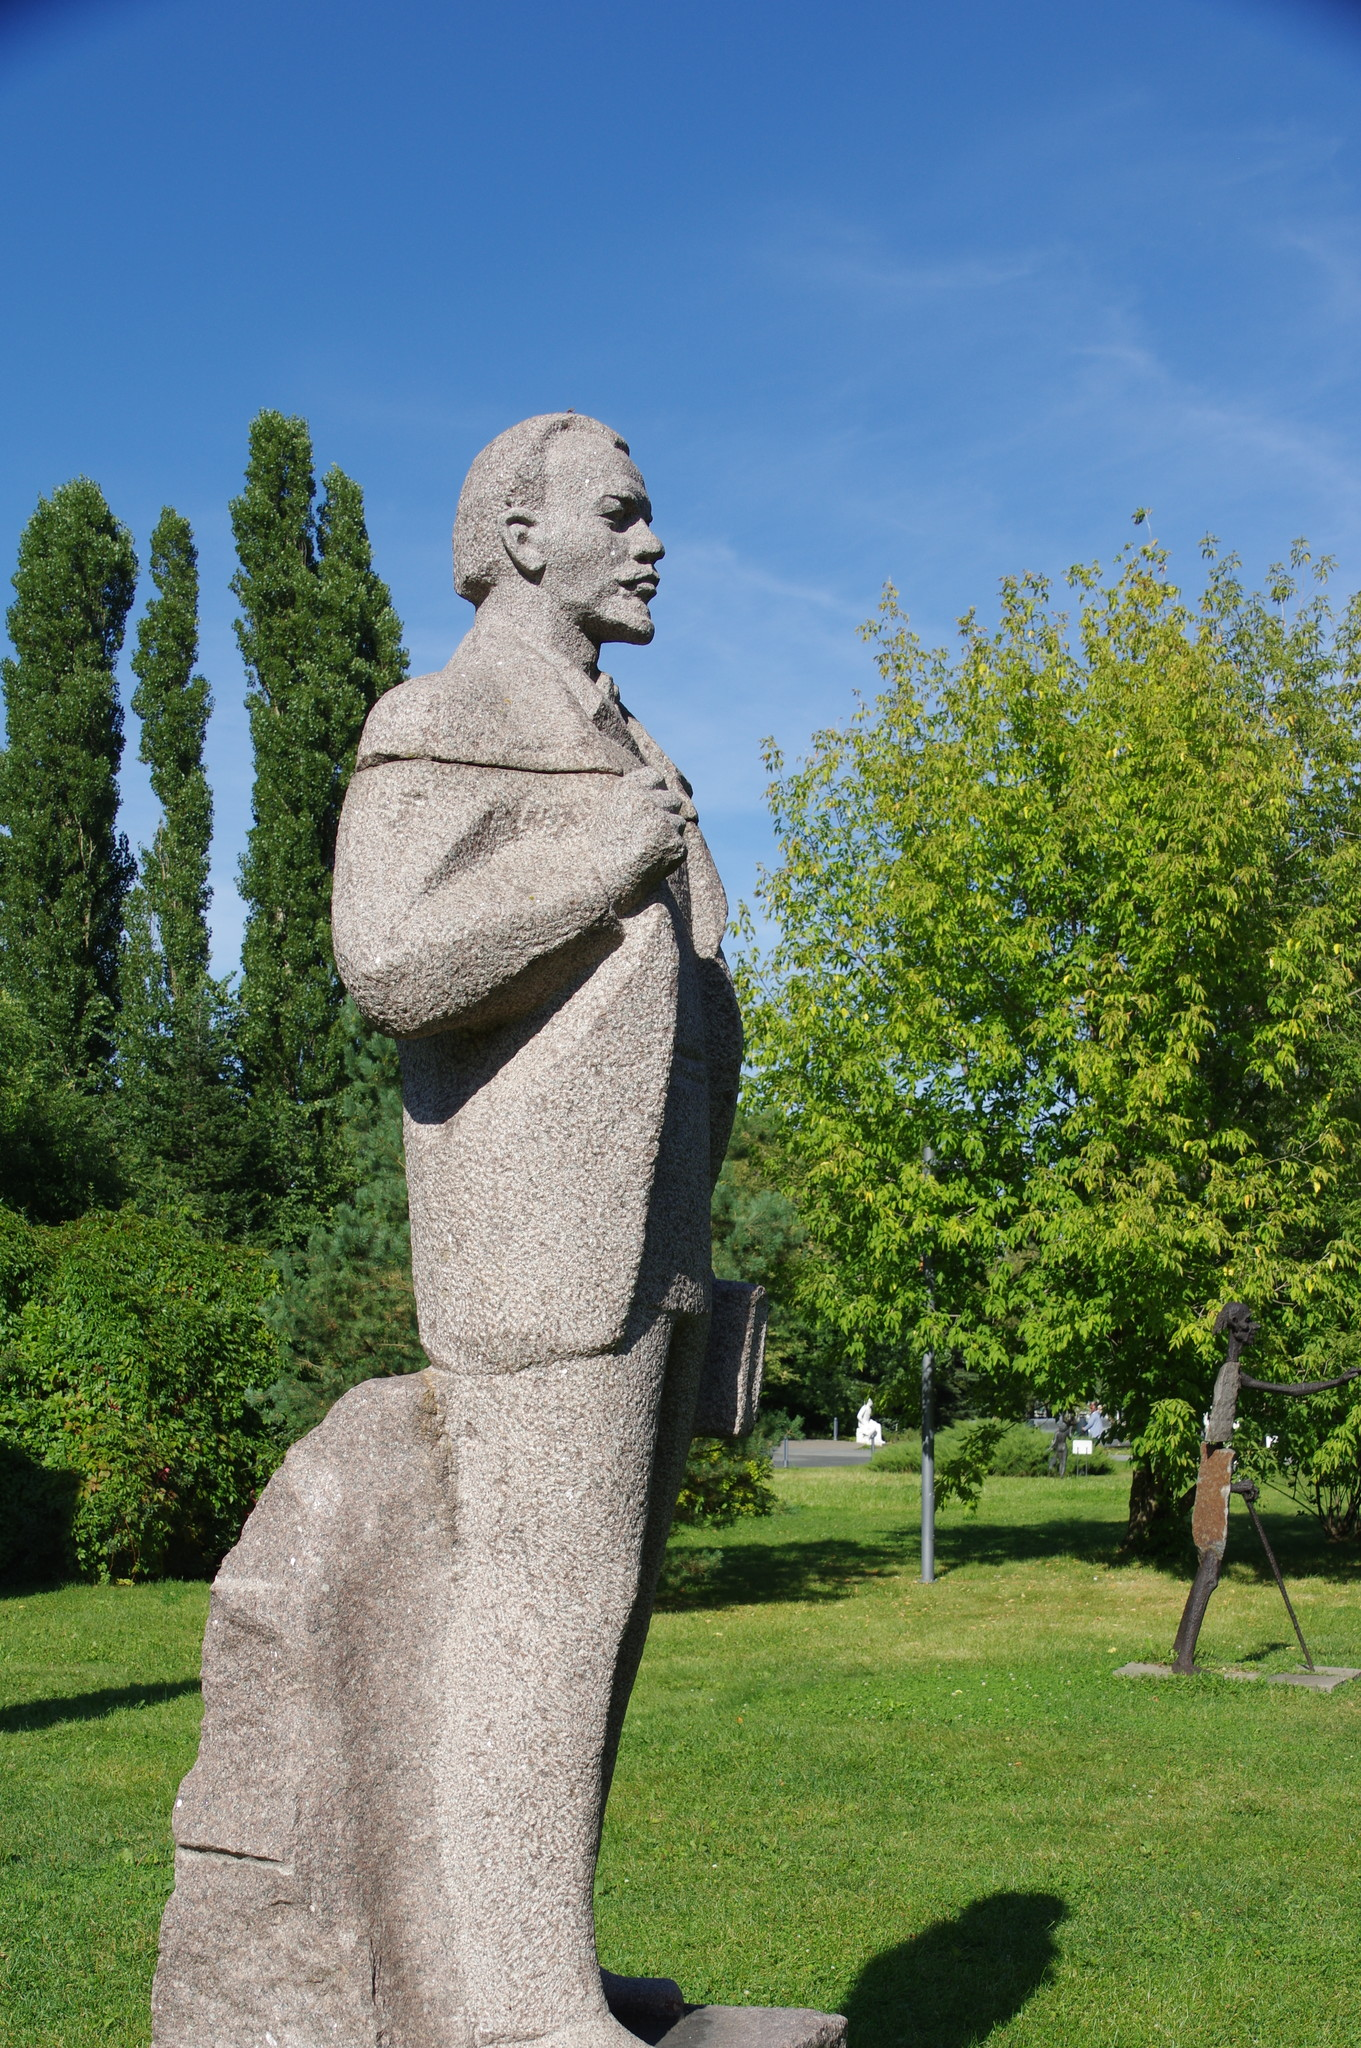 Молодой Ленин. 1970-е. Гранит. Торопыгин А.И. Парк искусств «Музеон»